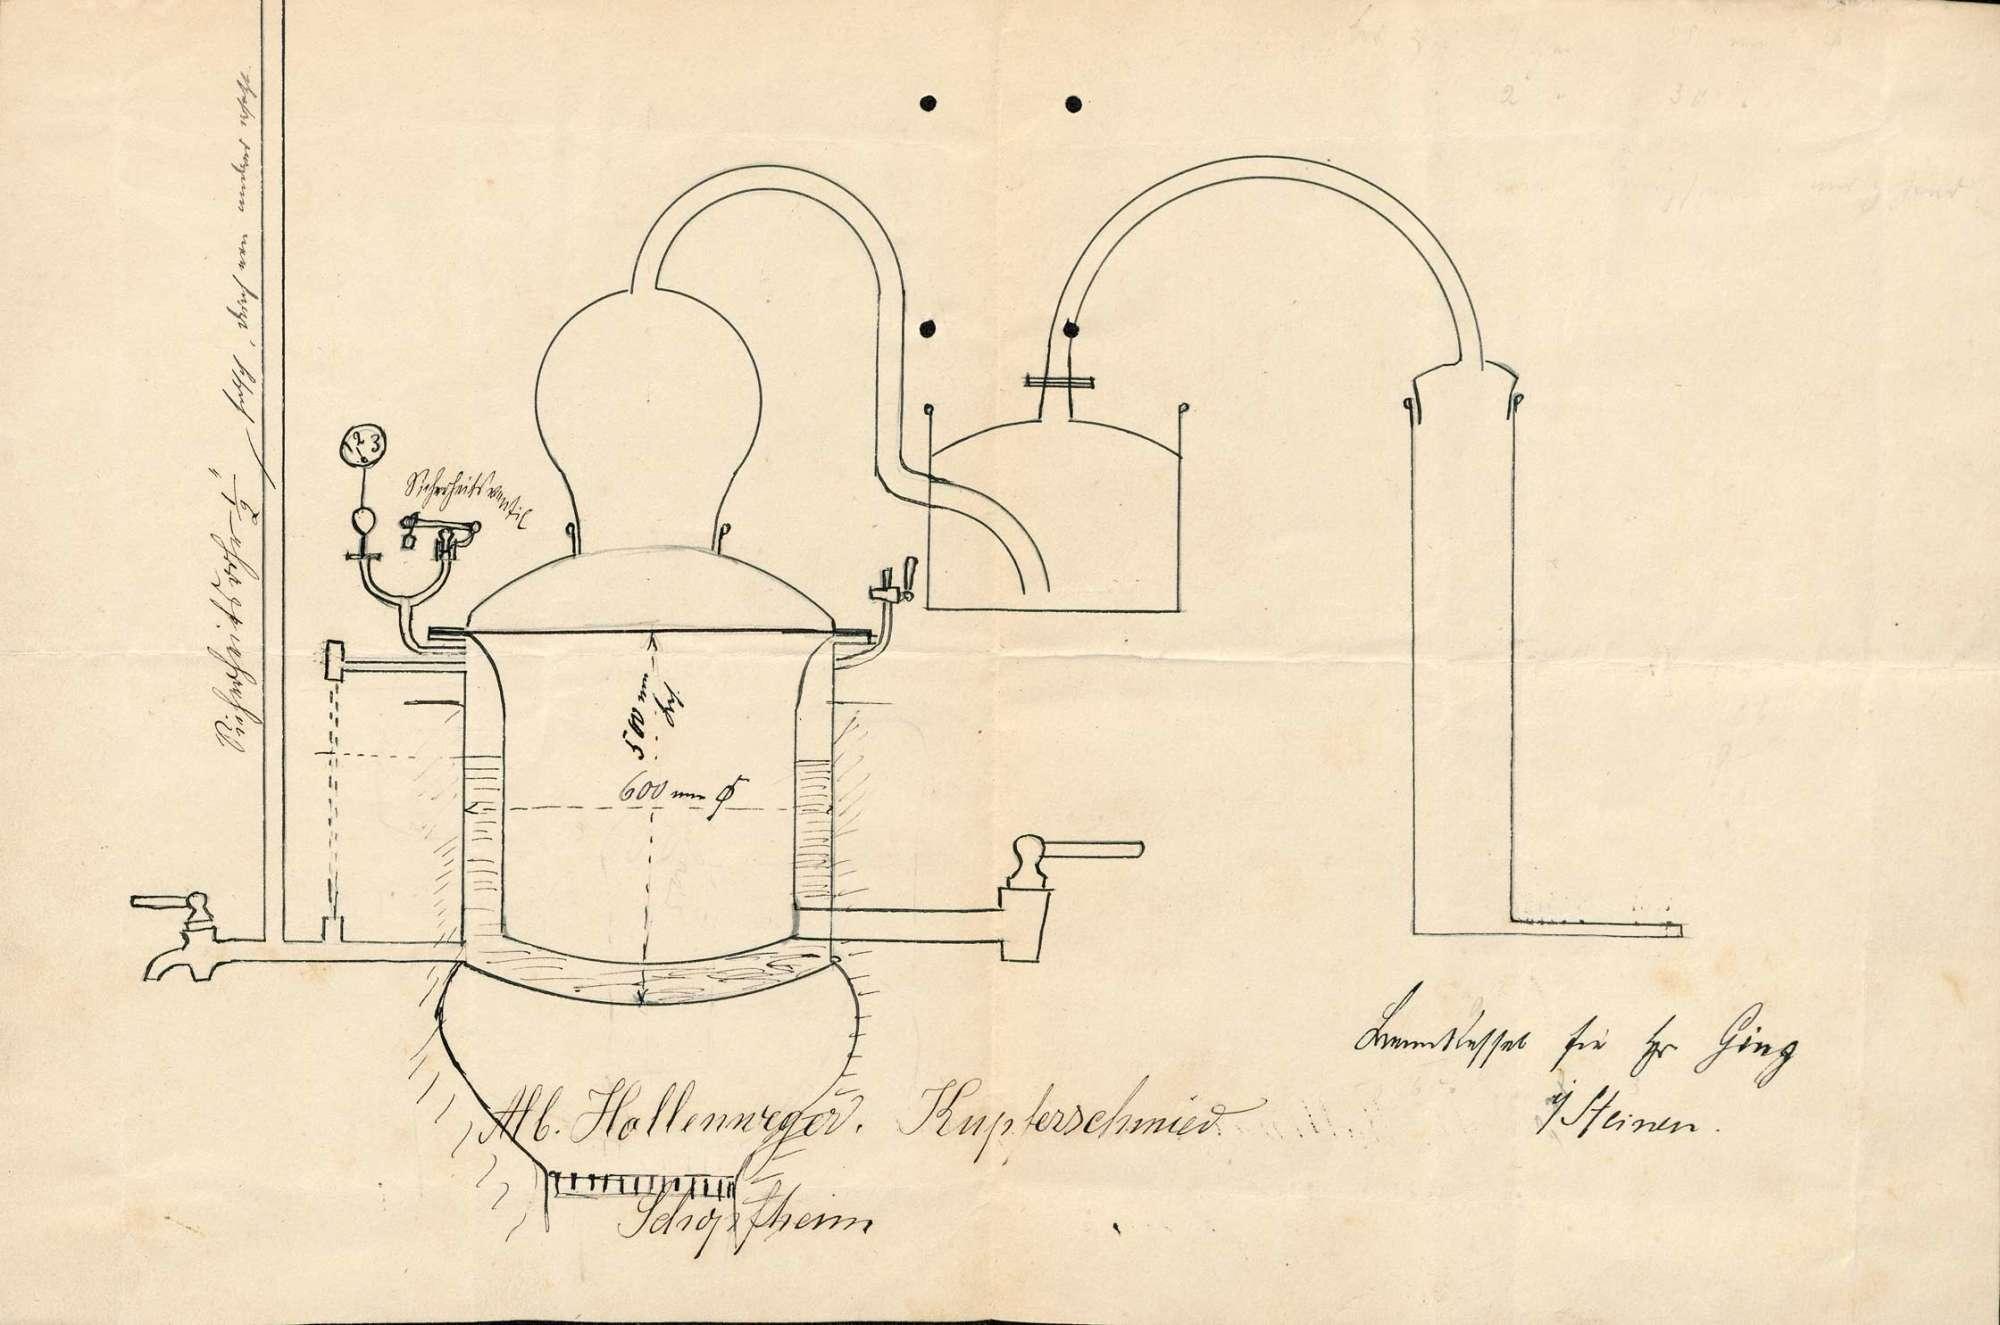 Gesuch der Küferei Karl Ging-Sturm um Erlaubnis zur Anlegung eines Brennkessels, Bild 1